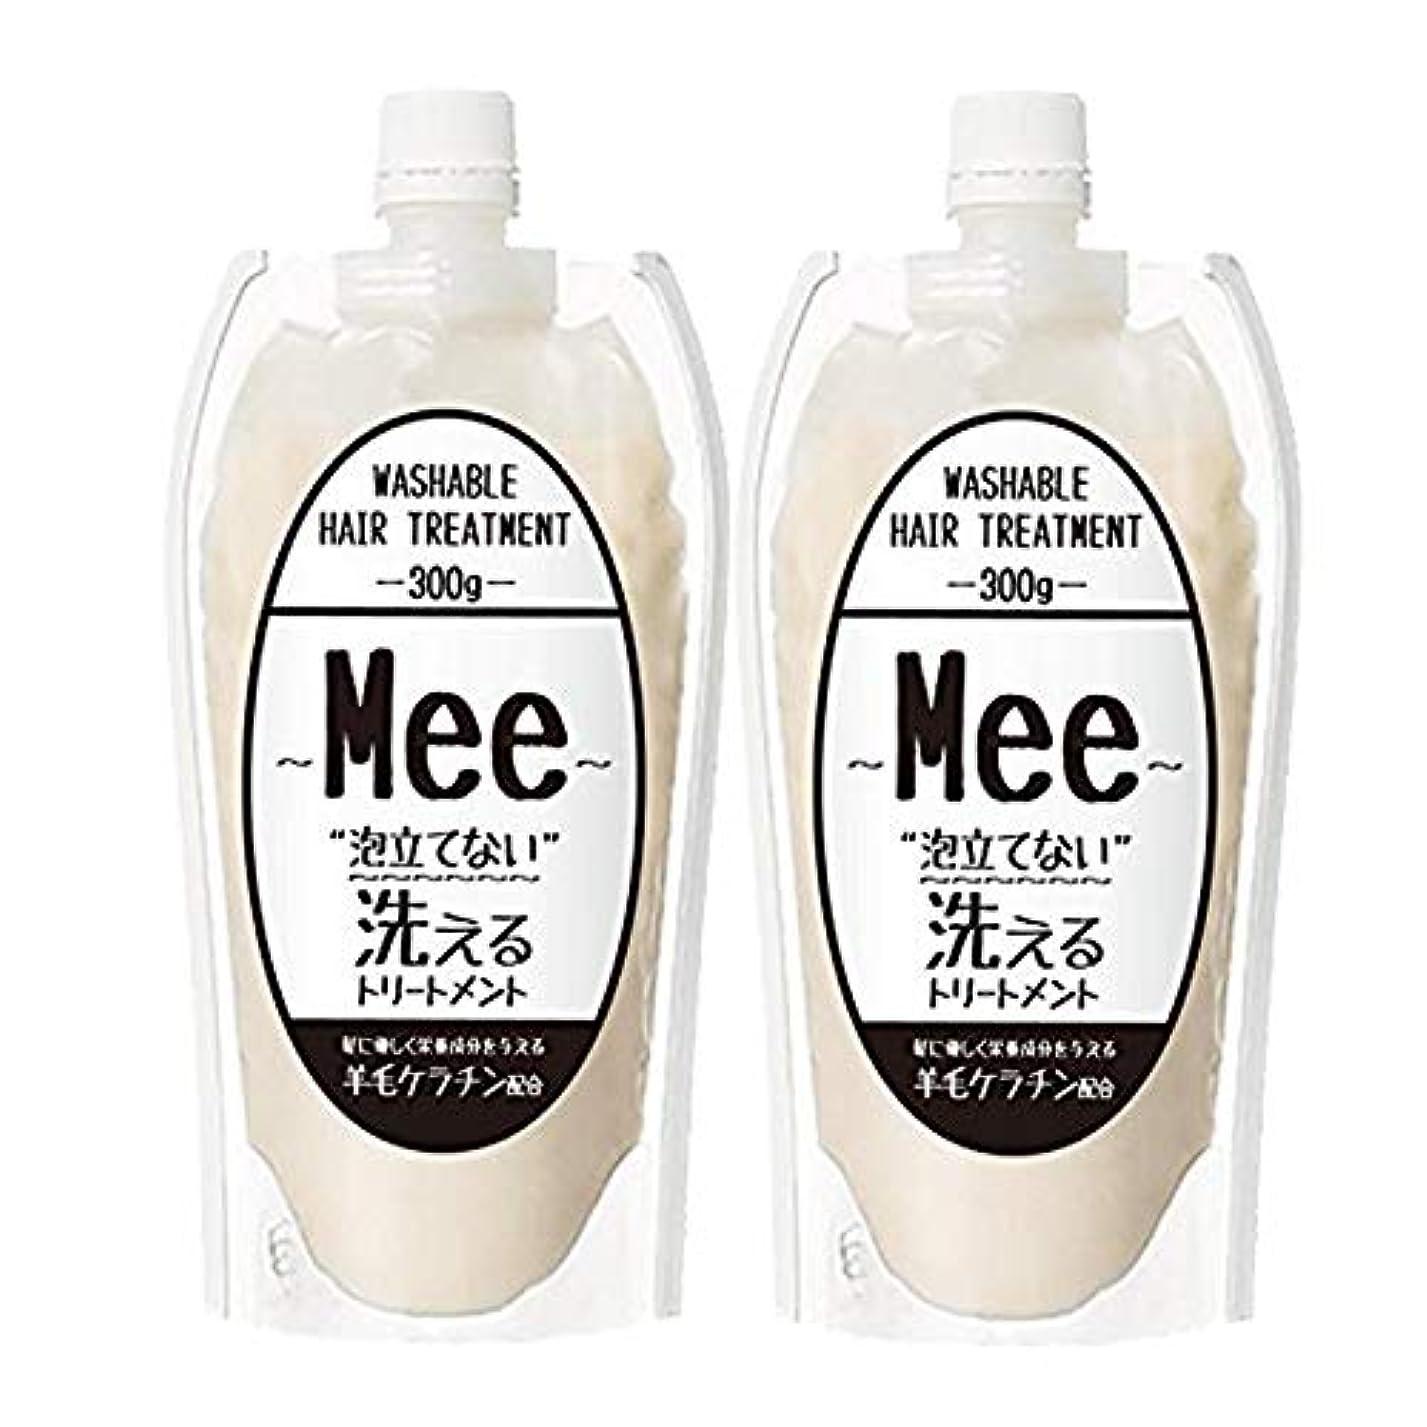 リズミカルなハック研磨まとめ買い【2個組】 洗えるトリートメントMEE Mee 300g×2個SET クリームシャンプー 皮脂 乾燥肌 ダメージケア 大容量 時短